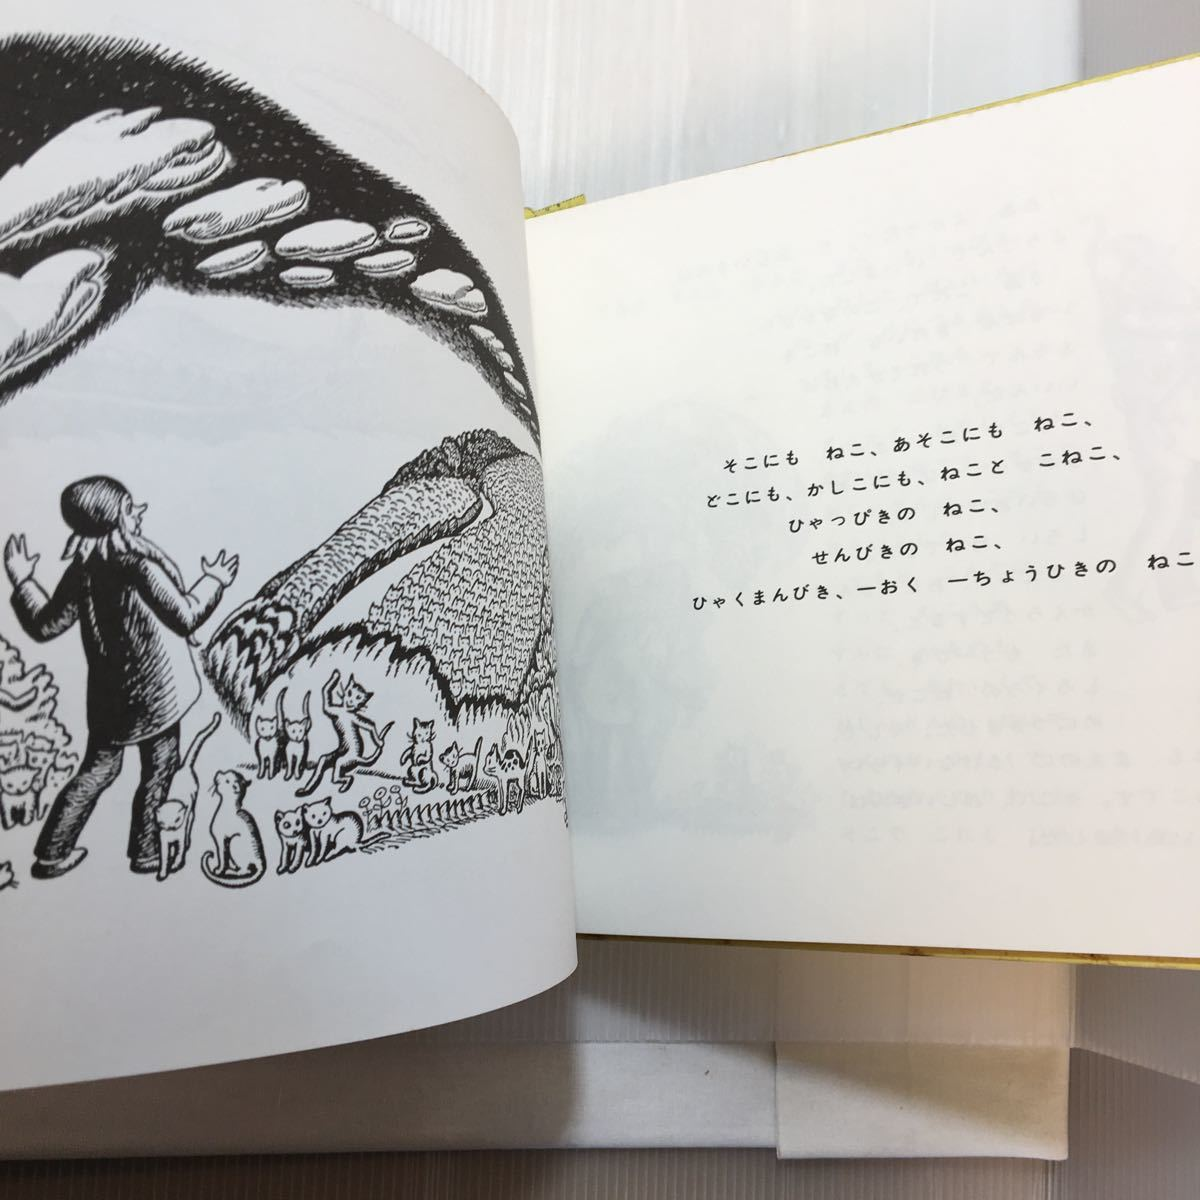 zaa-102♪100まんびきのねこ (世界傑作絵本シリーズ) 1961/1/1 ワンダ・ガアグ (著, イラスト), いしい ももこ (翻訳) 福音館書店